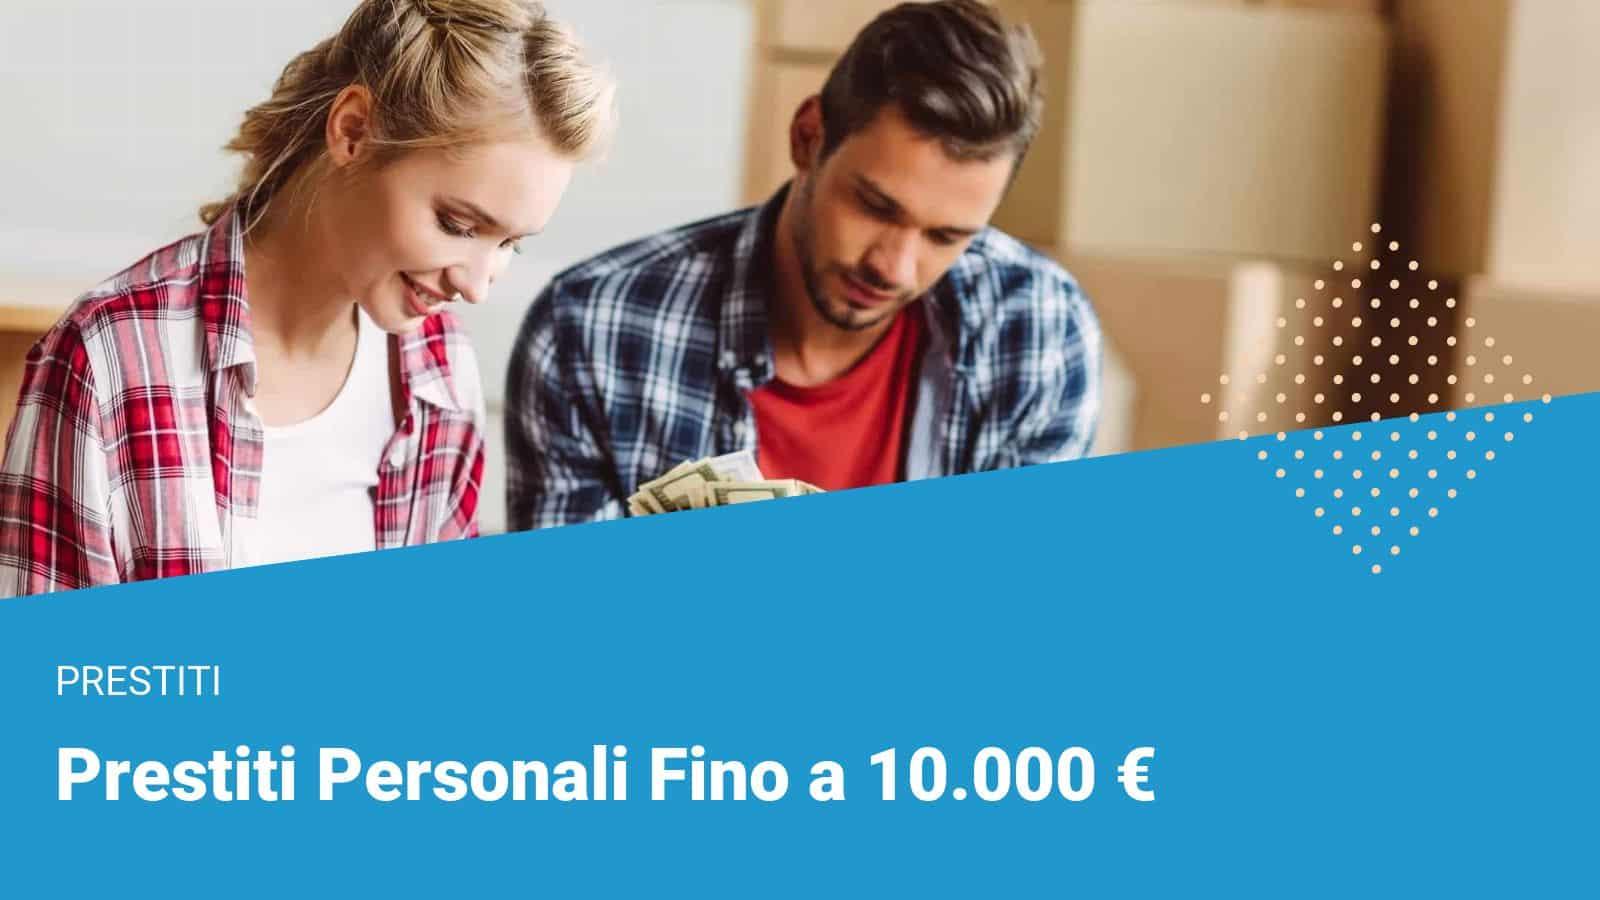 Prestiti Personali Fino a 10000 euro